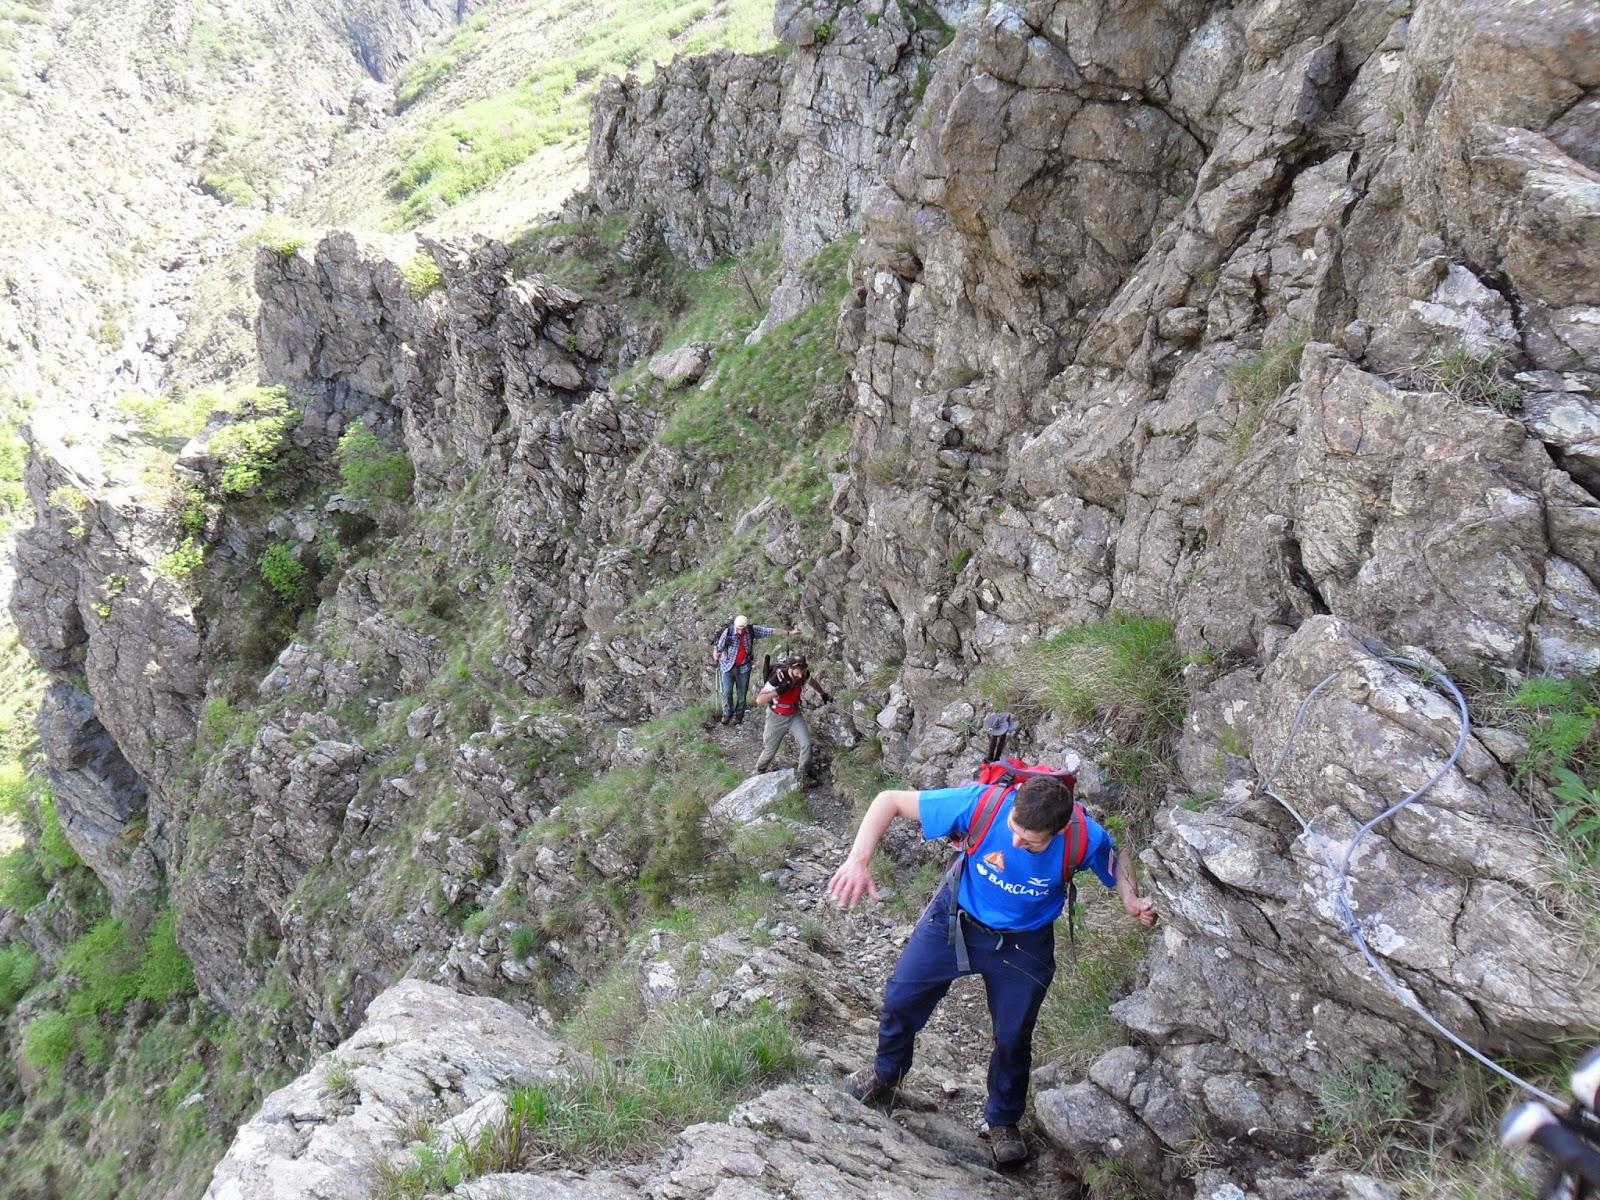 Malati di montagna colori profumi e suggestioni sul sentiero frassati della liguria - Riscaldare velocemente casa montagna ...